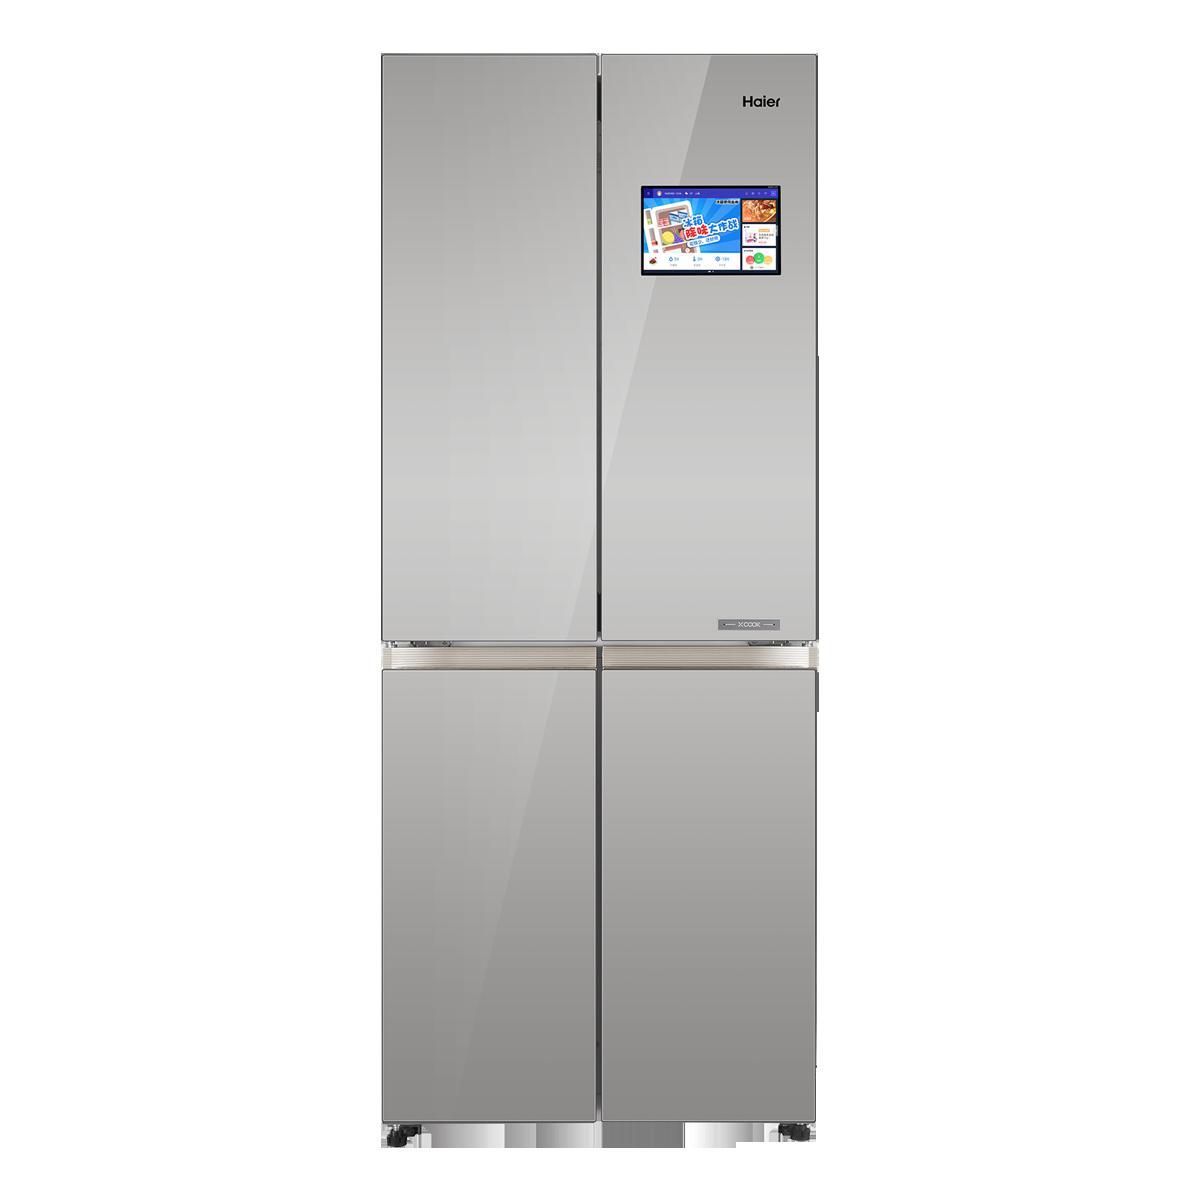 海尔Haier冰箱 BCD-406WIGIU1 说明书